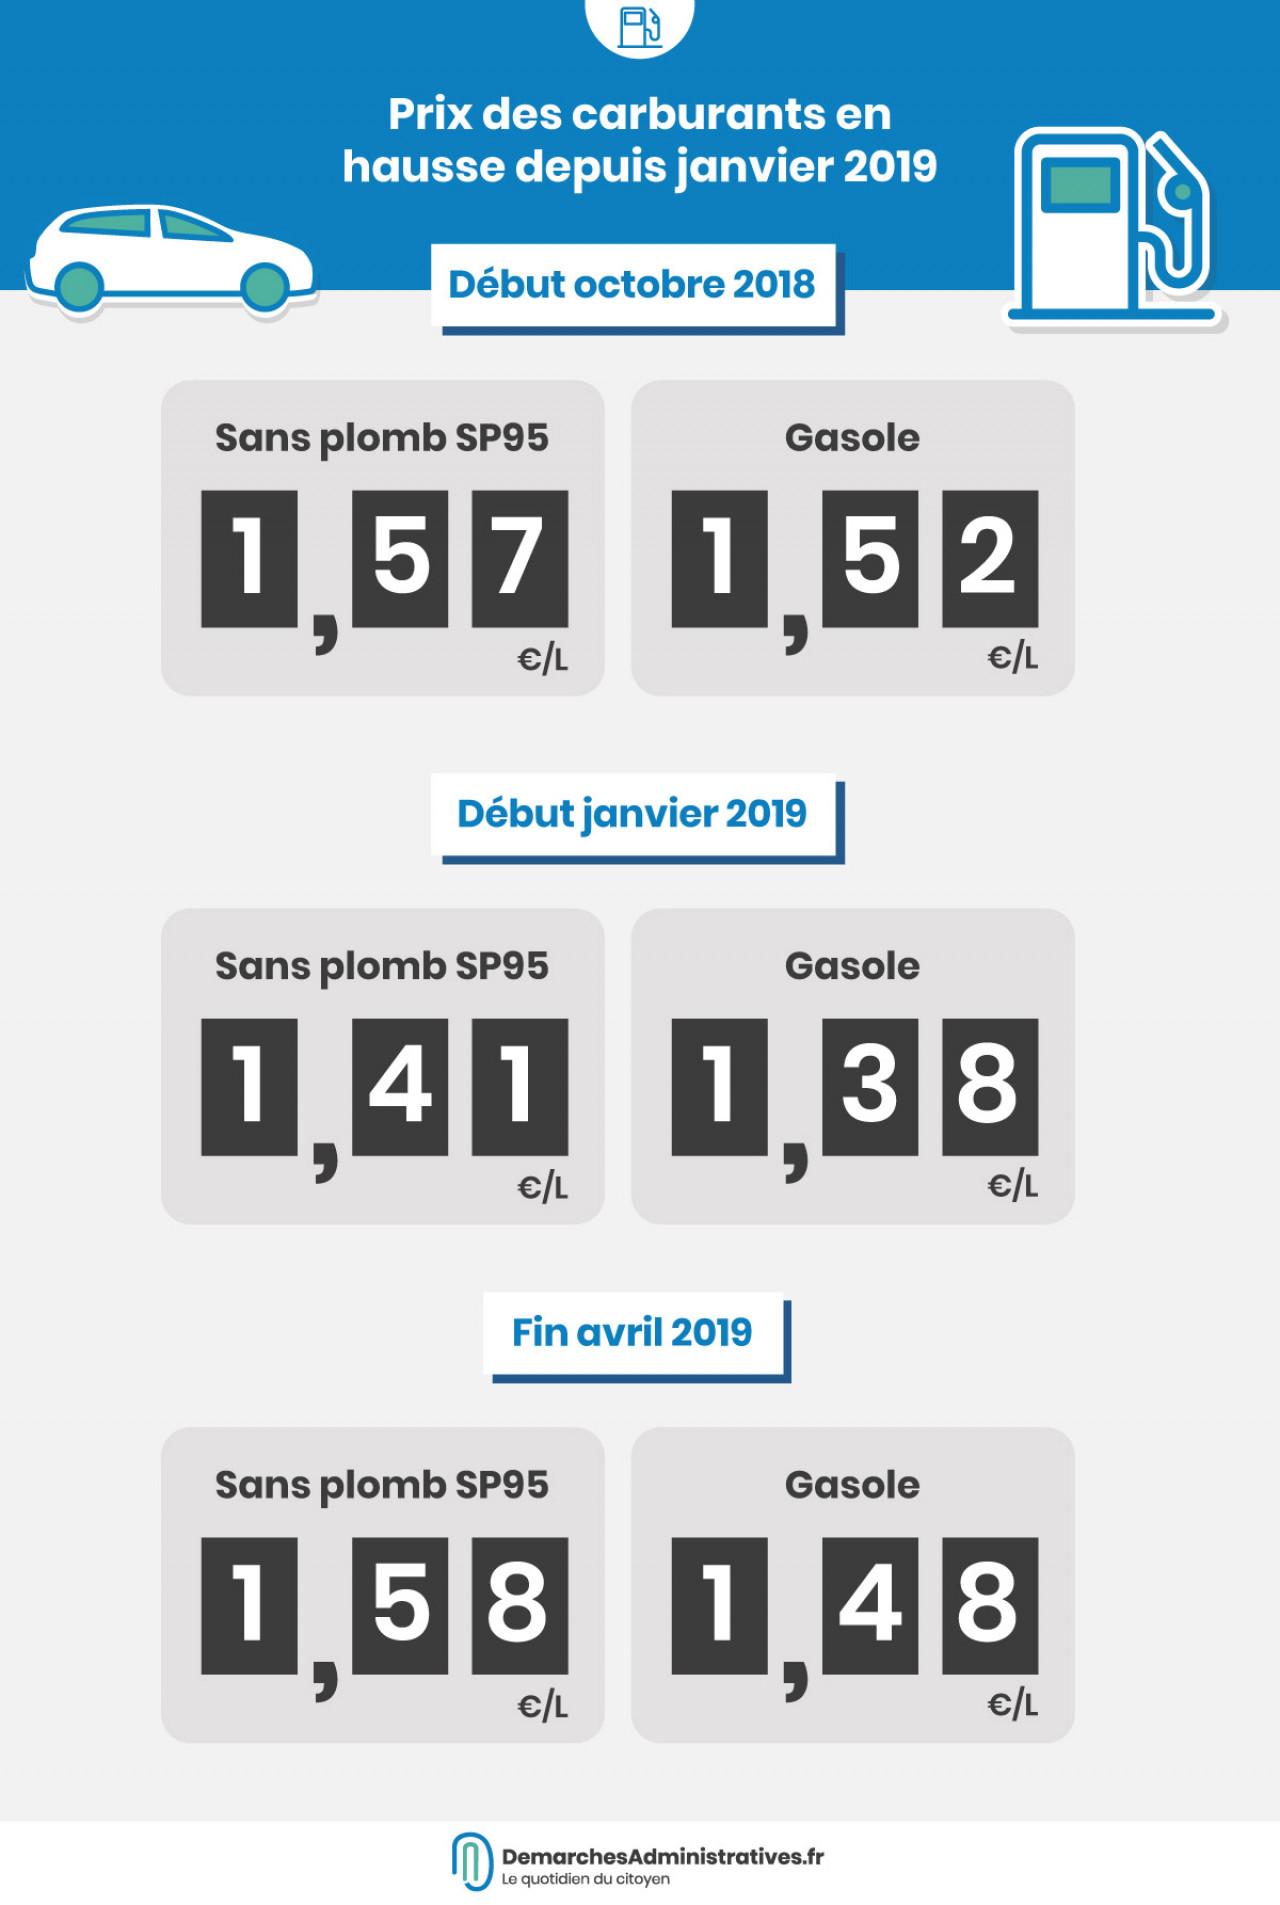 Hausse du prix des carburants. Le Prix Des Carburants Flambe 1 58 Le Litre De Sp95 Et 1 48 Pour Le Diesel